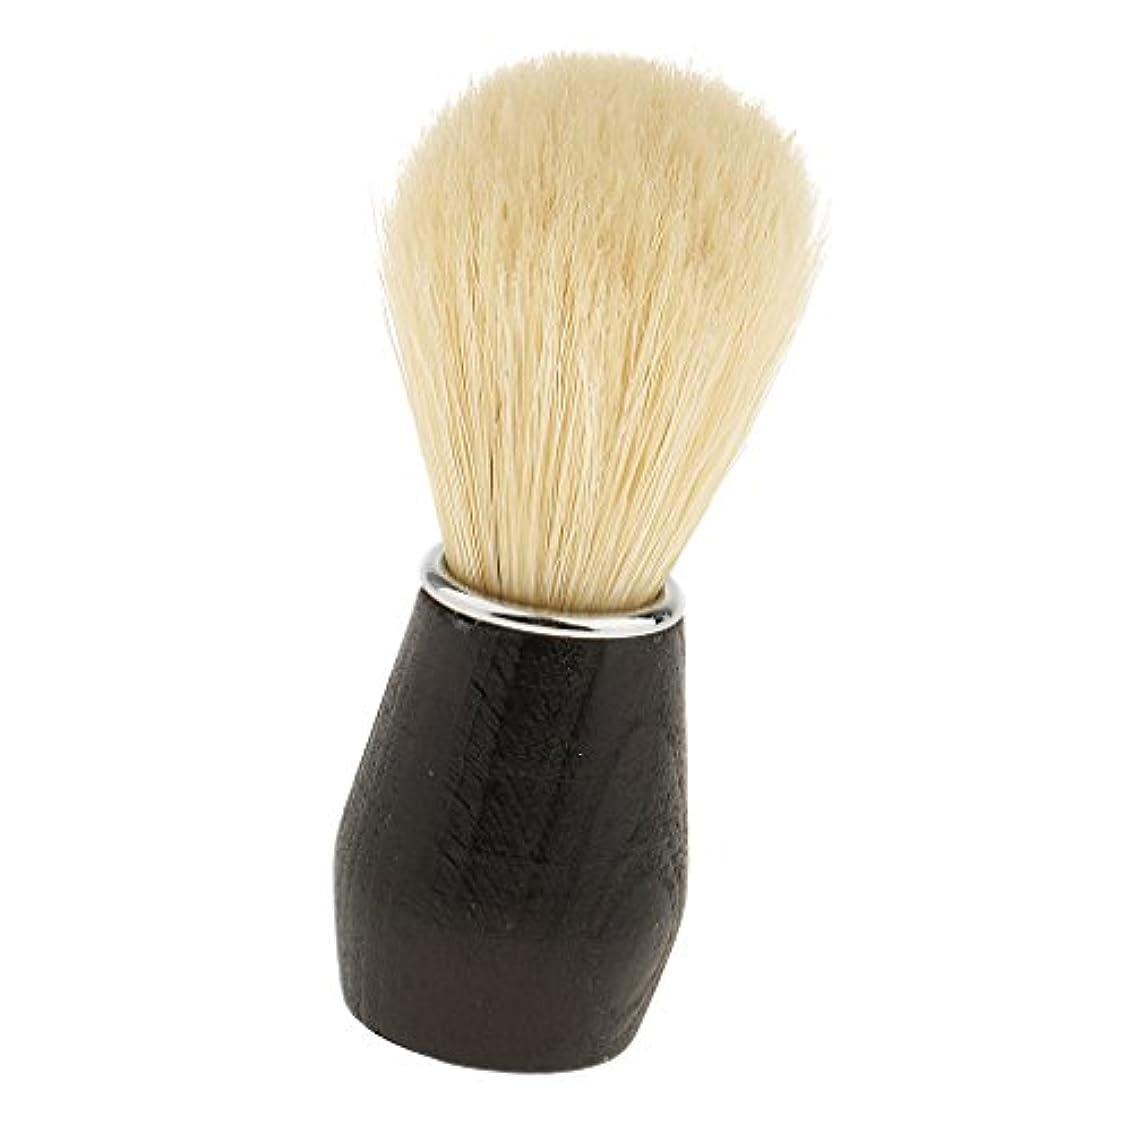 テレビ想定する手荷物dailymall ひげ剃りブラシ シェービングブラシ メンズ 髭剃り プロフェッショナル ひげ剃り 美容ツール